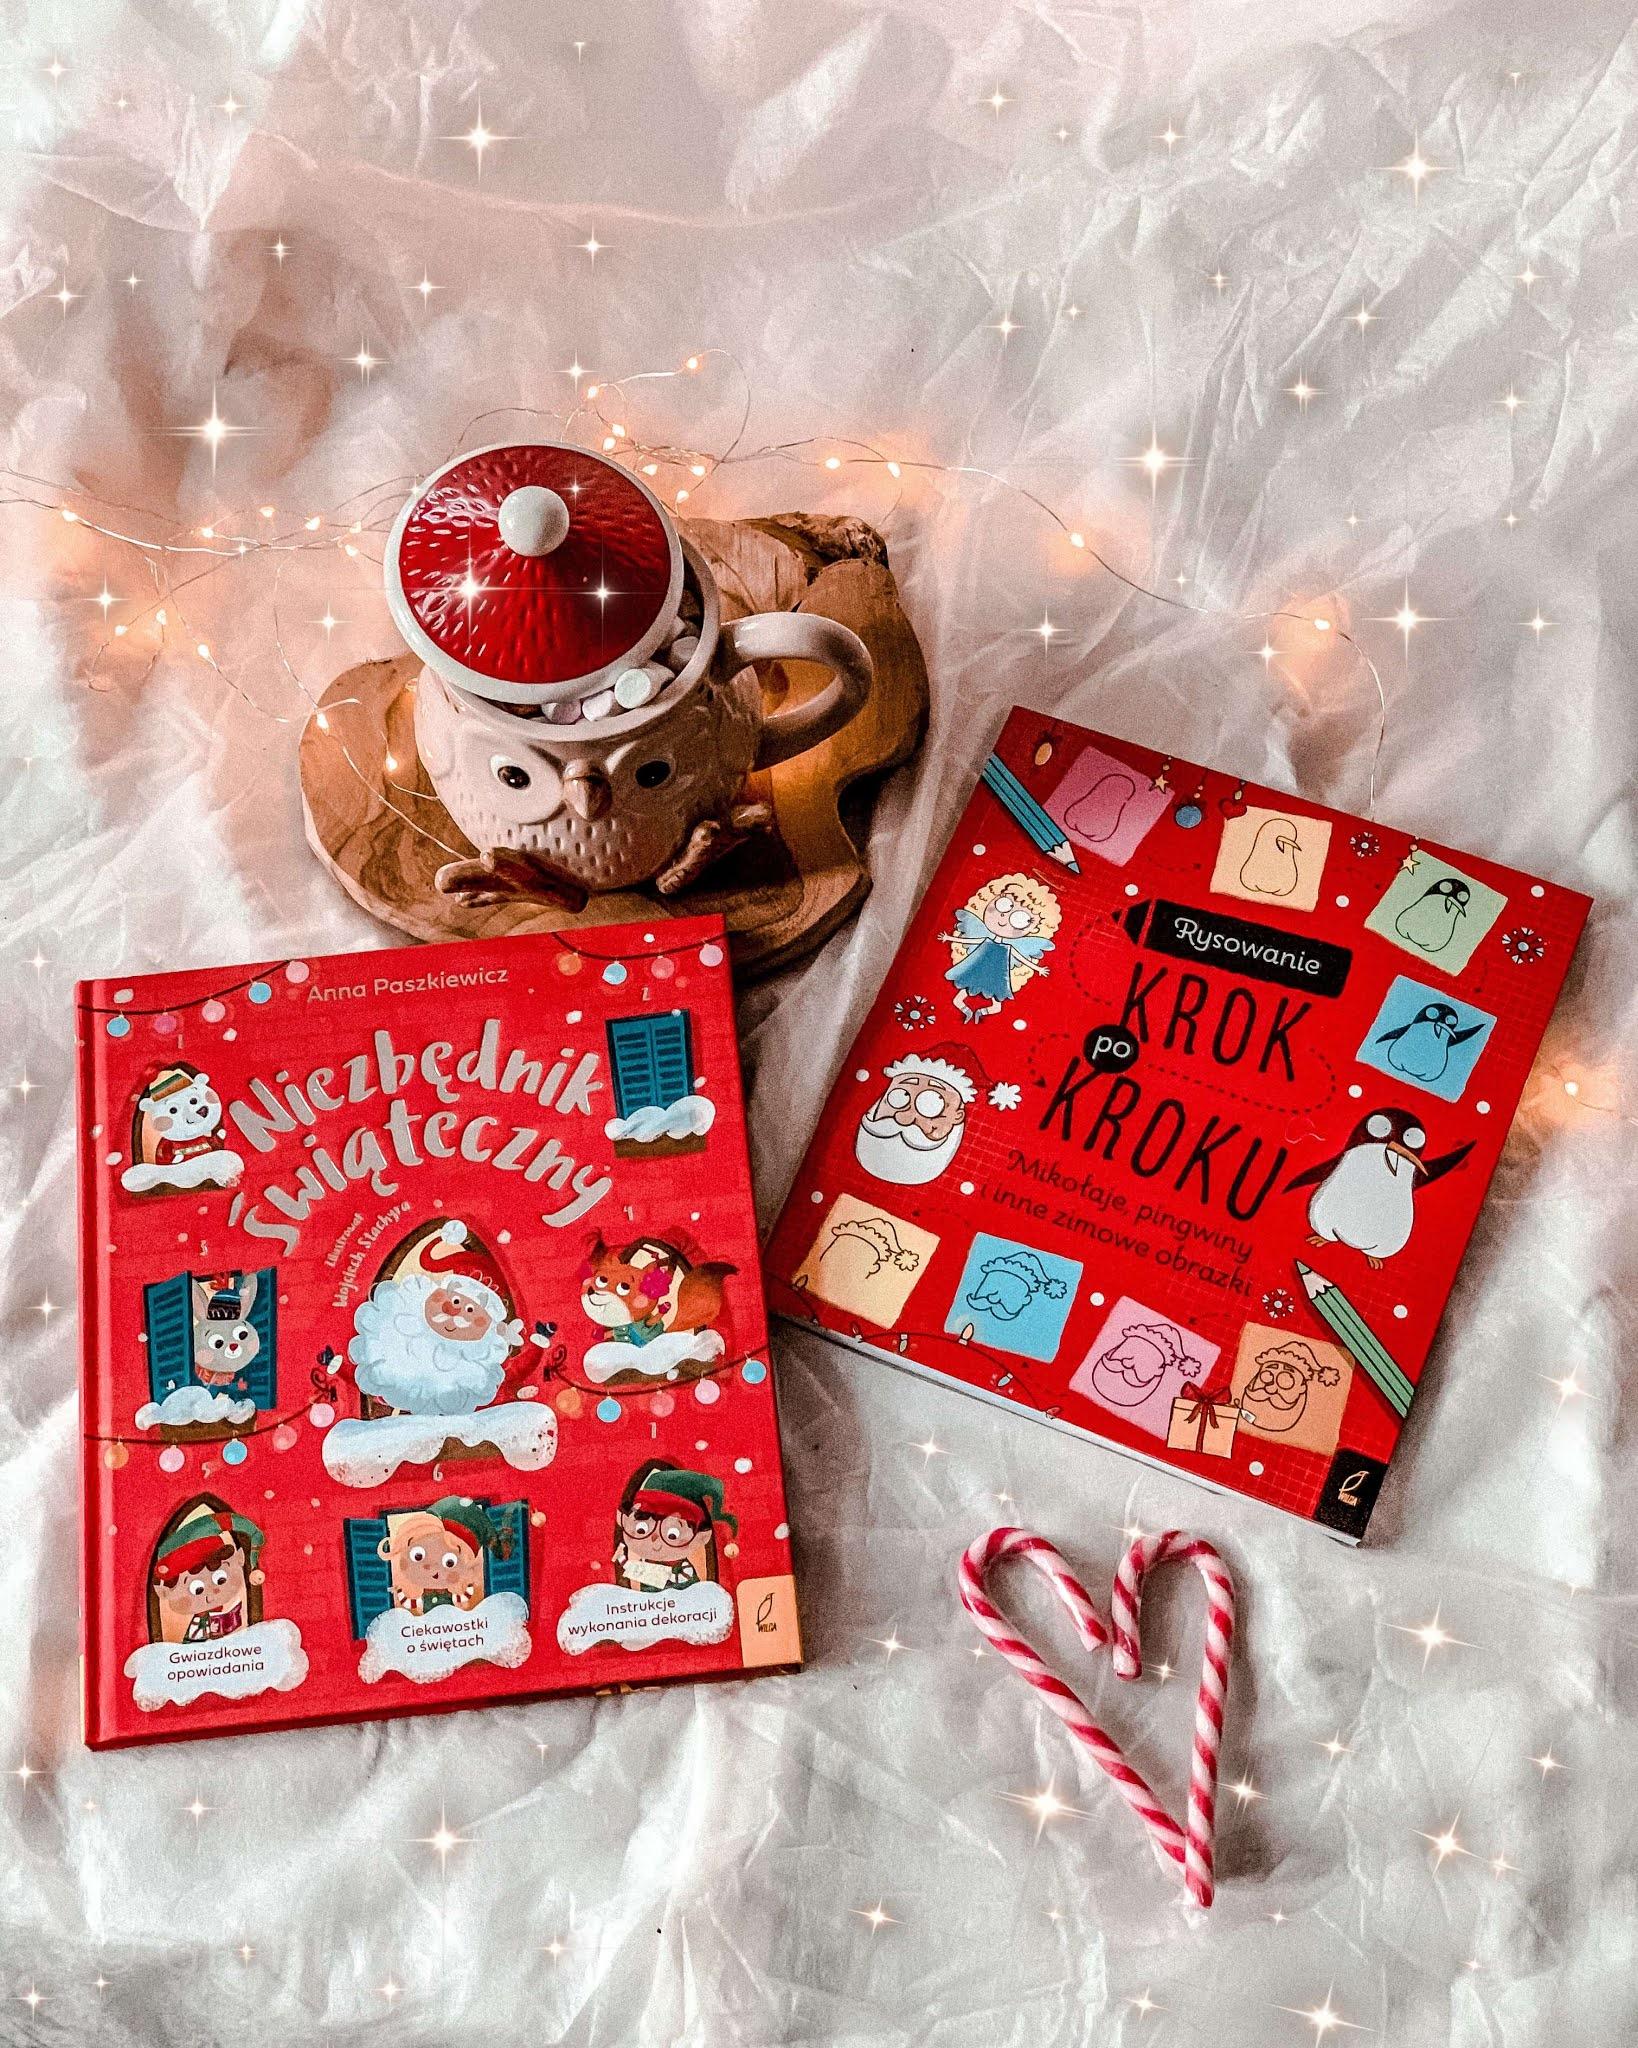 7 Blogmass, Świąteczne książeczki dla dzieci, Niezbędnik świąteczny, Rysowanie krok po kroku